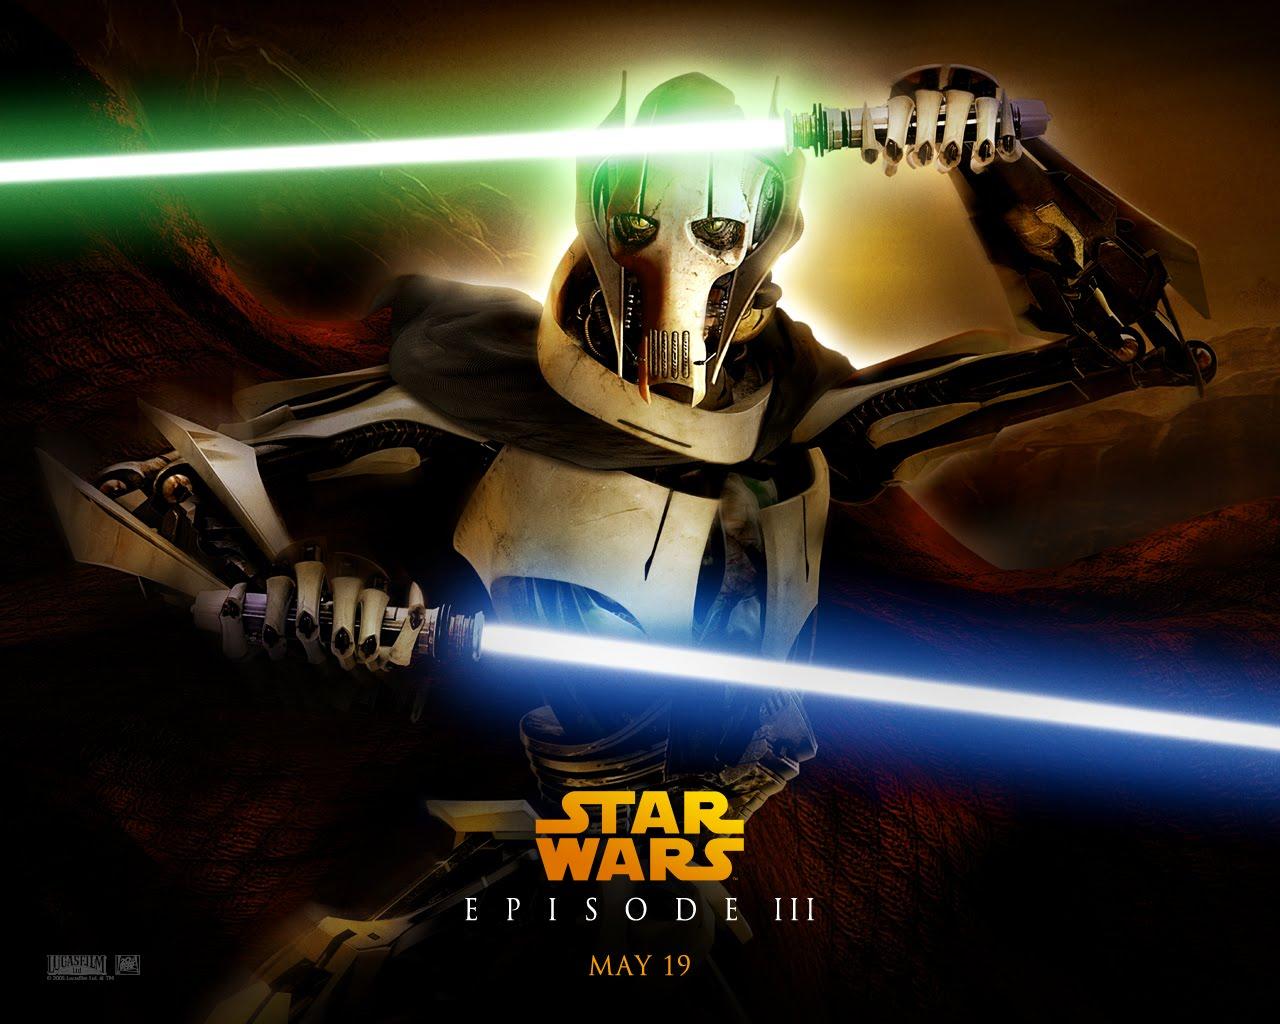 http://3.bp.blogspot.com/_efx8m6TXg7A/TKzJqvNem4I/AAAAAAAAAY0/kKN3V8fmIgc/s1600/Star_Wars+_Episode_III_-_Revenge_of_the_Sith_Wallpaper_1_1280.jpg